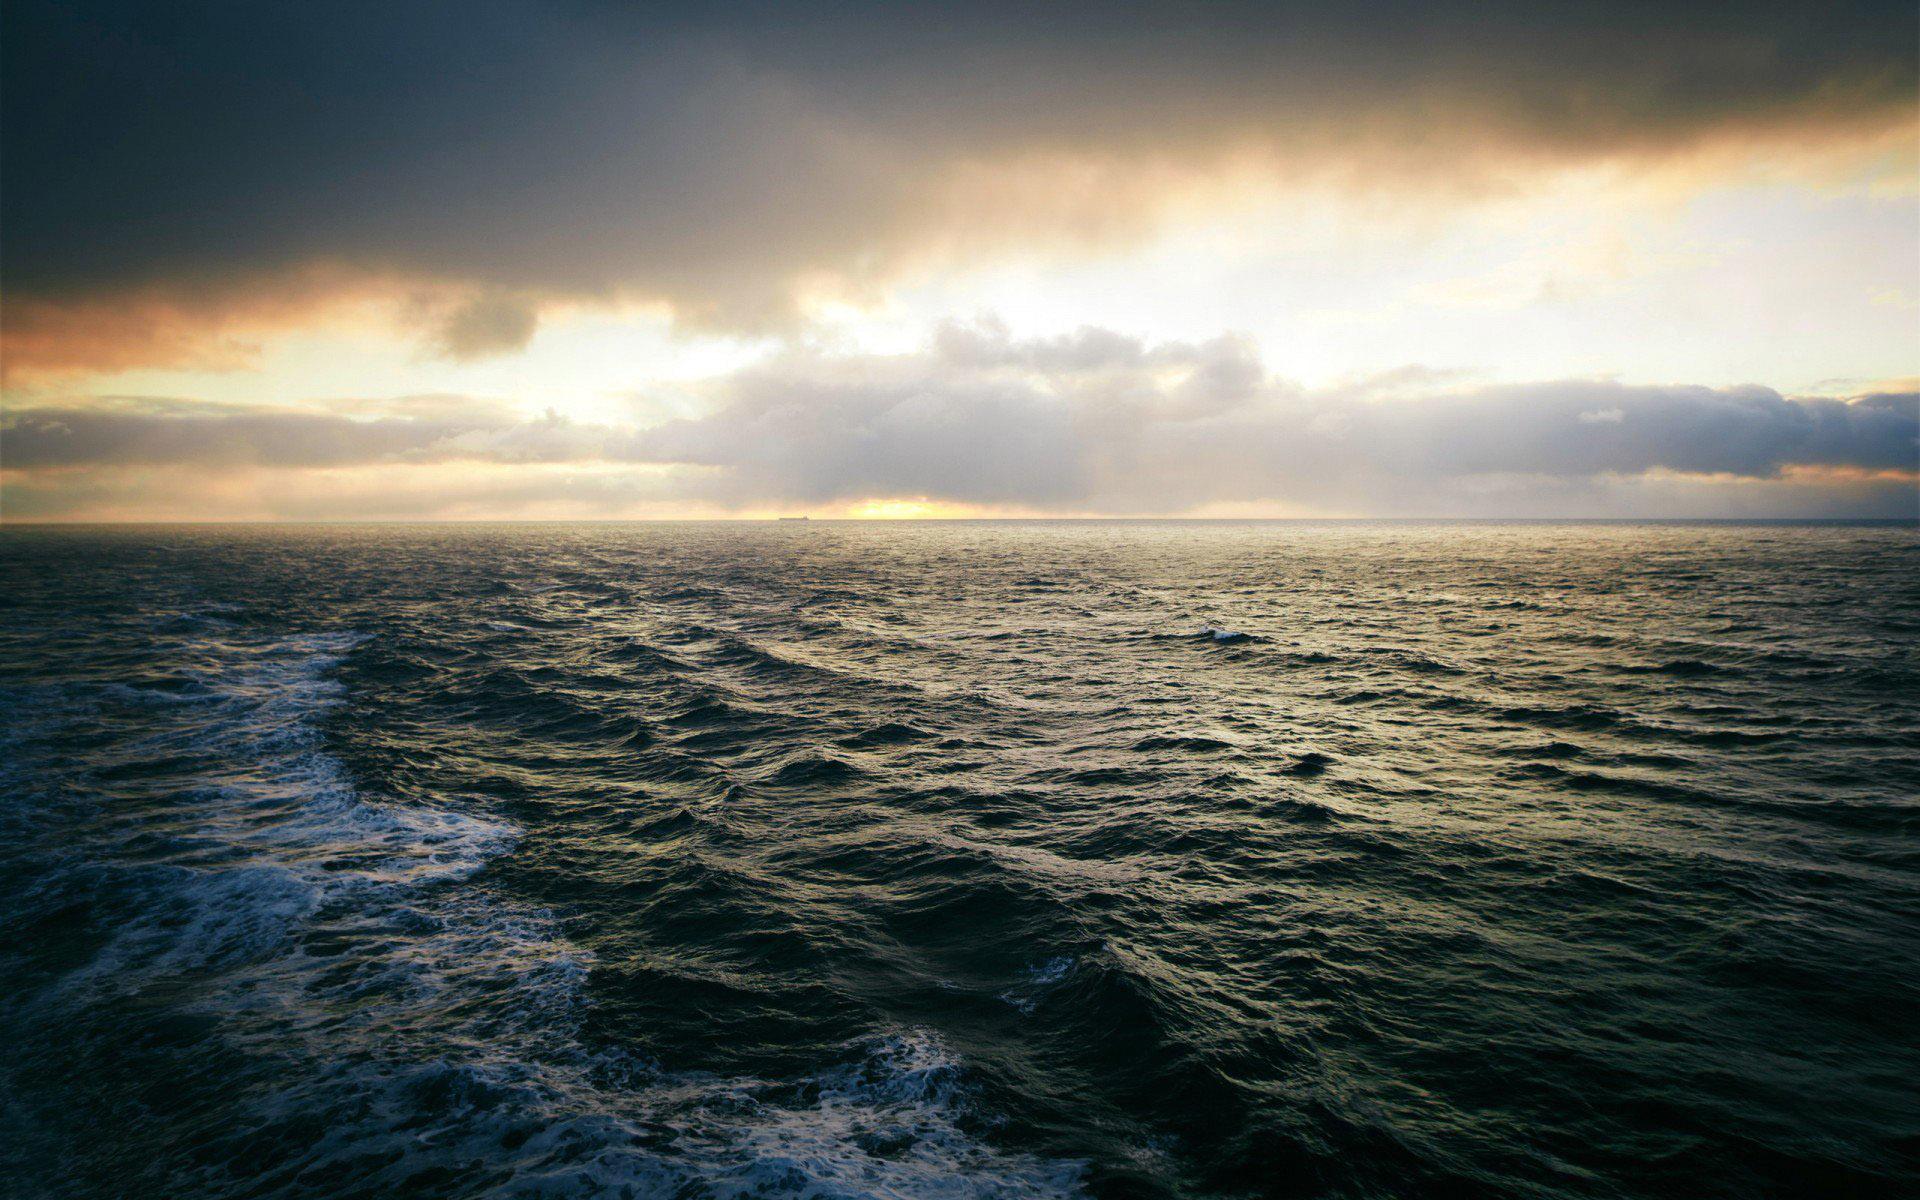 Атлантический океан красивые обои и картинки - подборка 2018 10